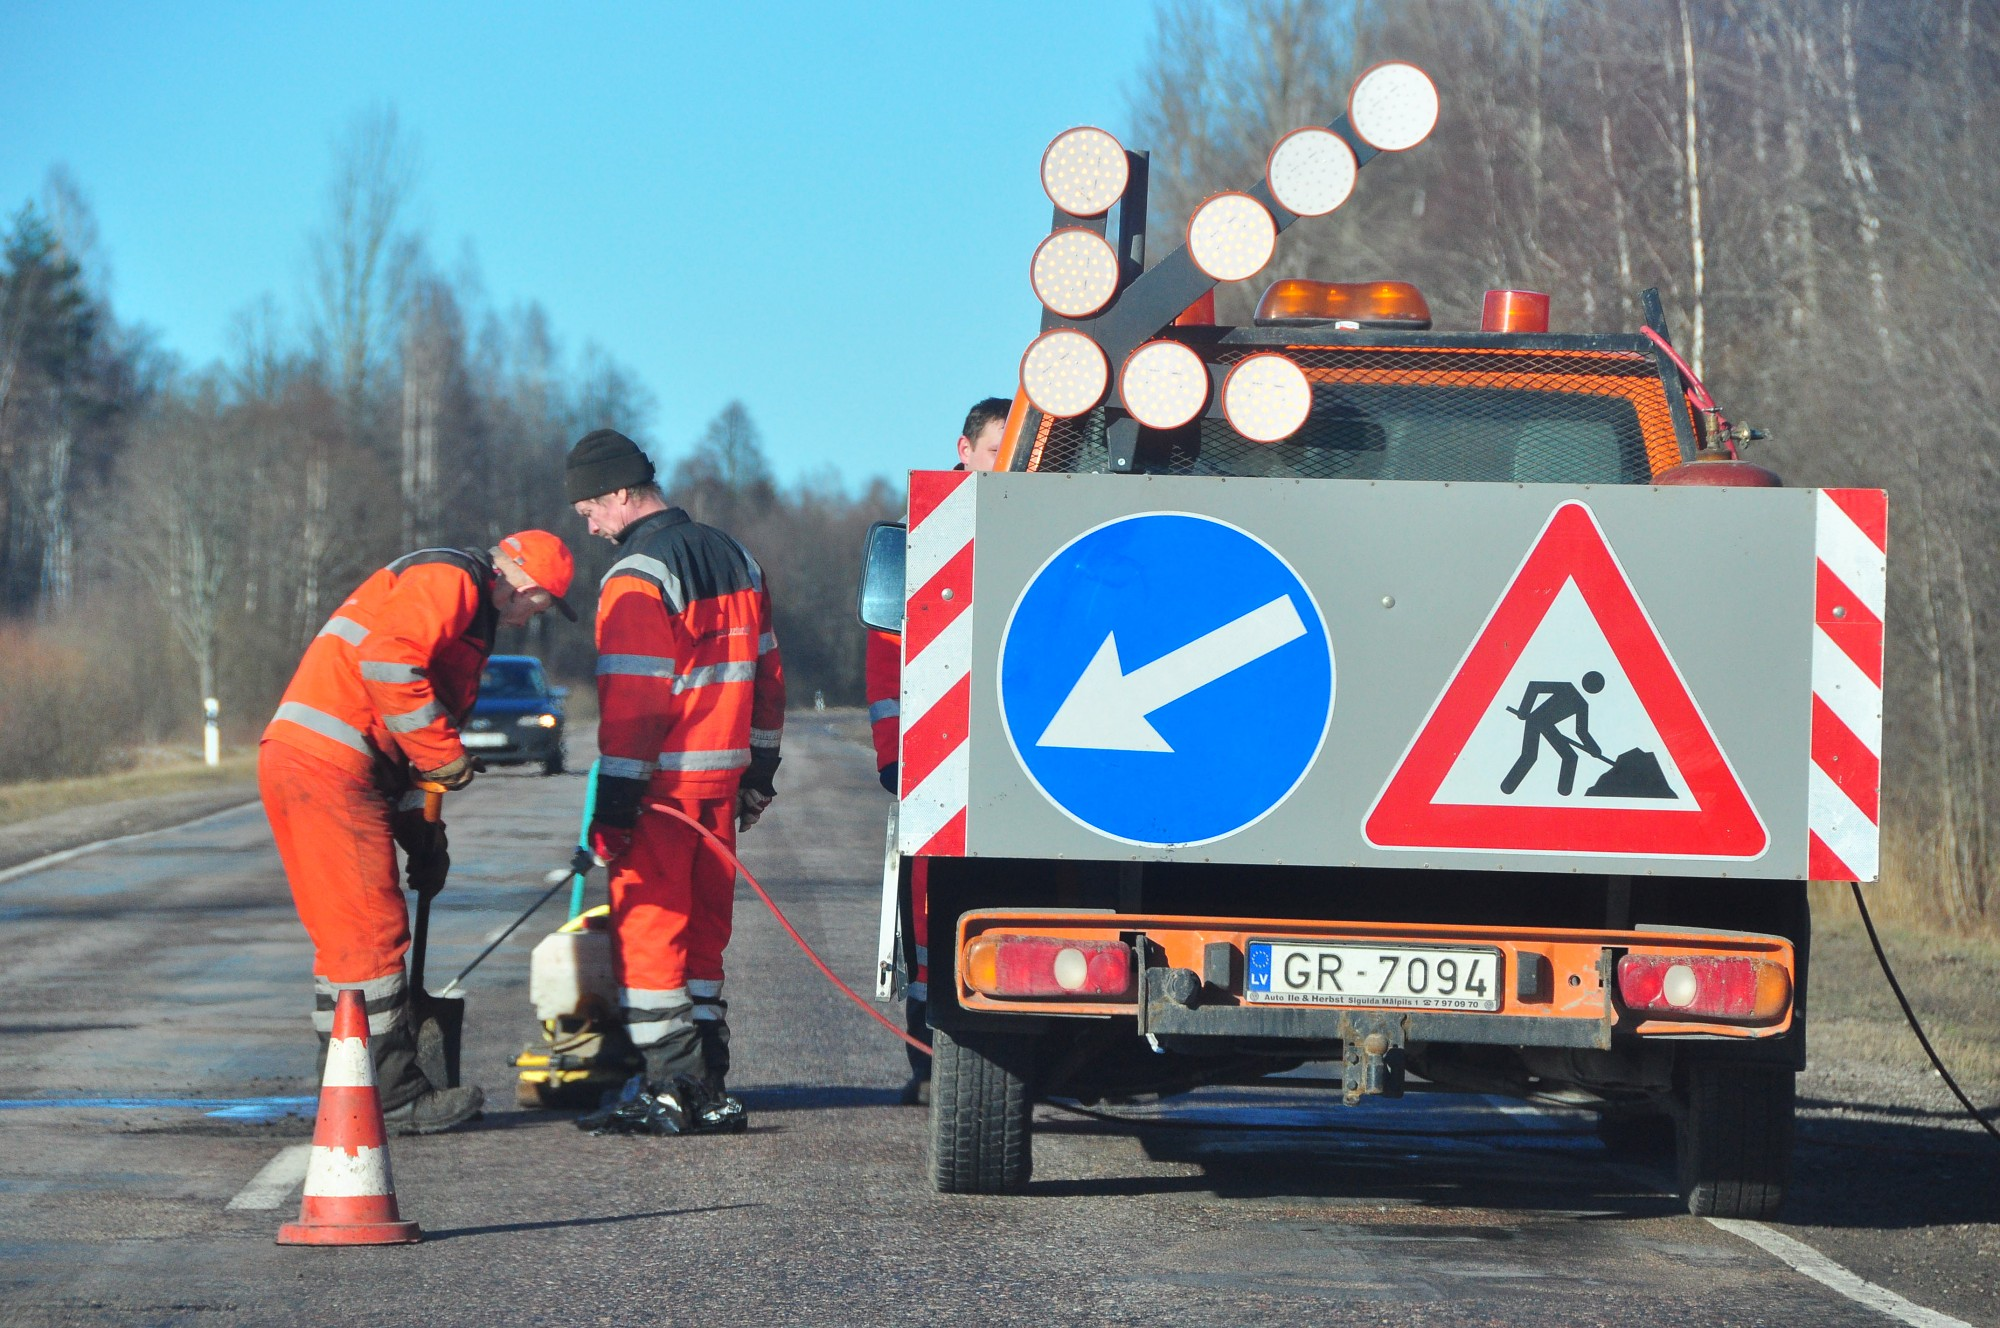 МОСРР подготовило предложения для приведения в порядок 105 важных для региональной реформы участков дорог